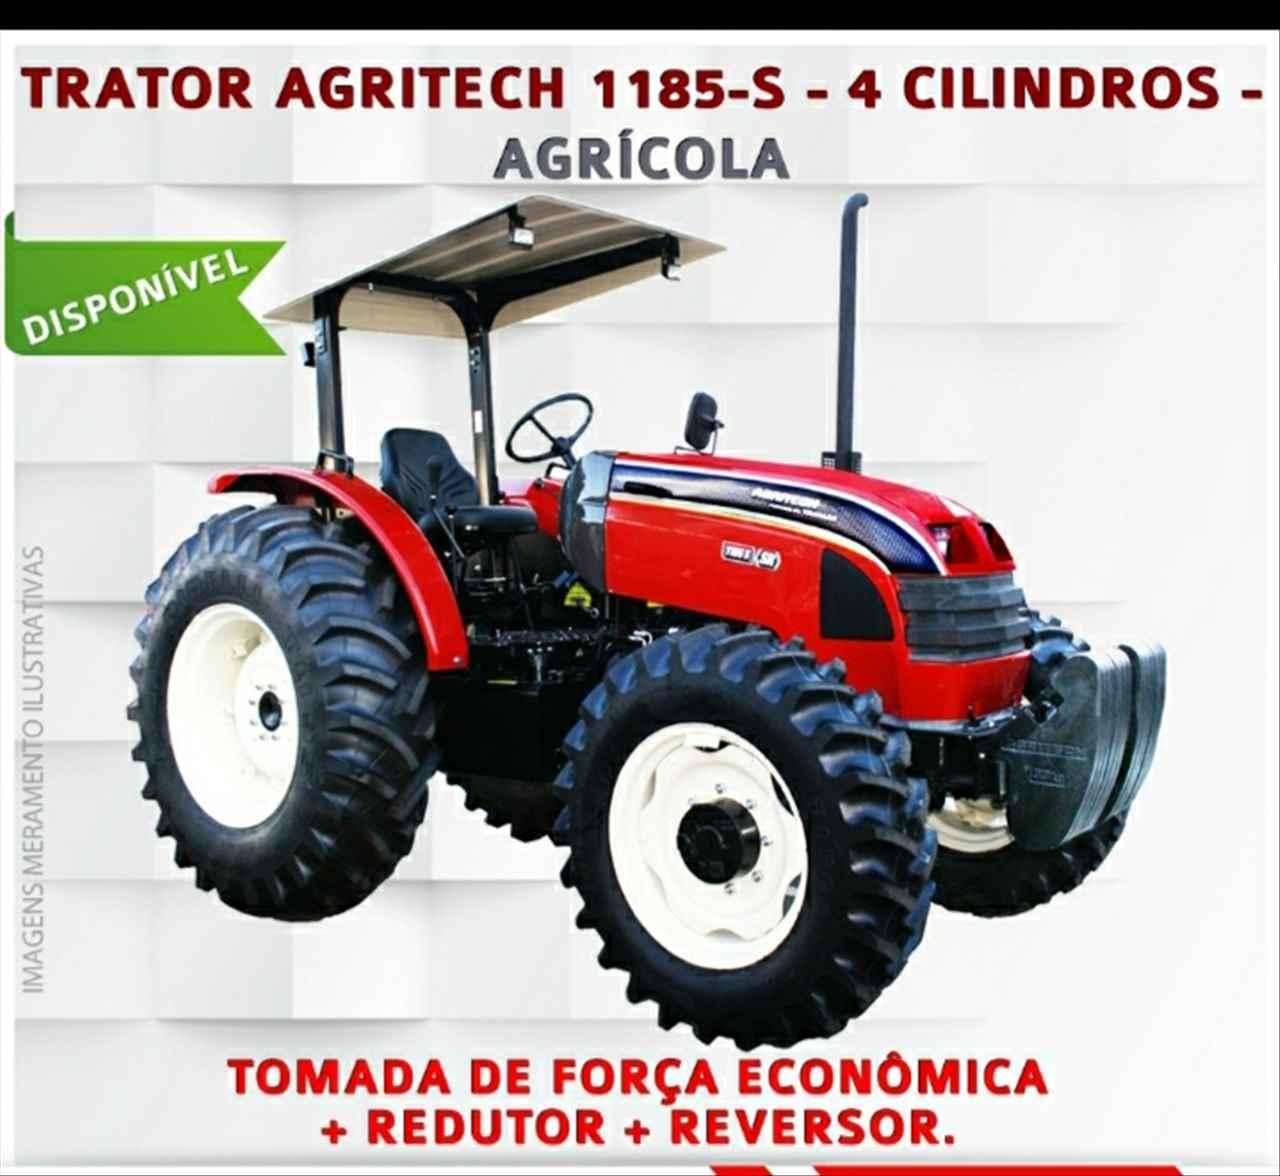 TRATOR AGRITECH 1185 Tração 4x4 Gerominho Implementos Agrícolas UBERLANDIA MINAS GERAIS MG